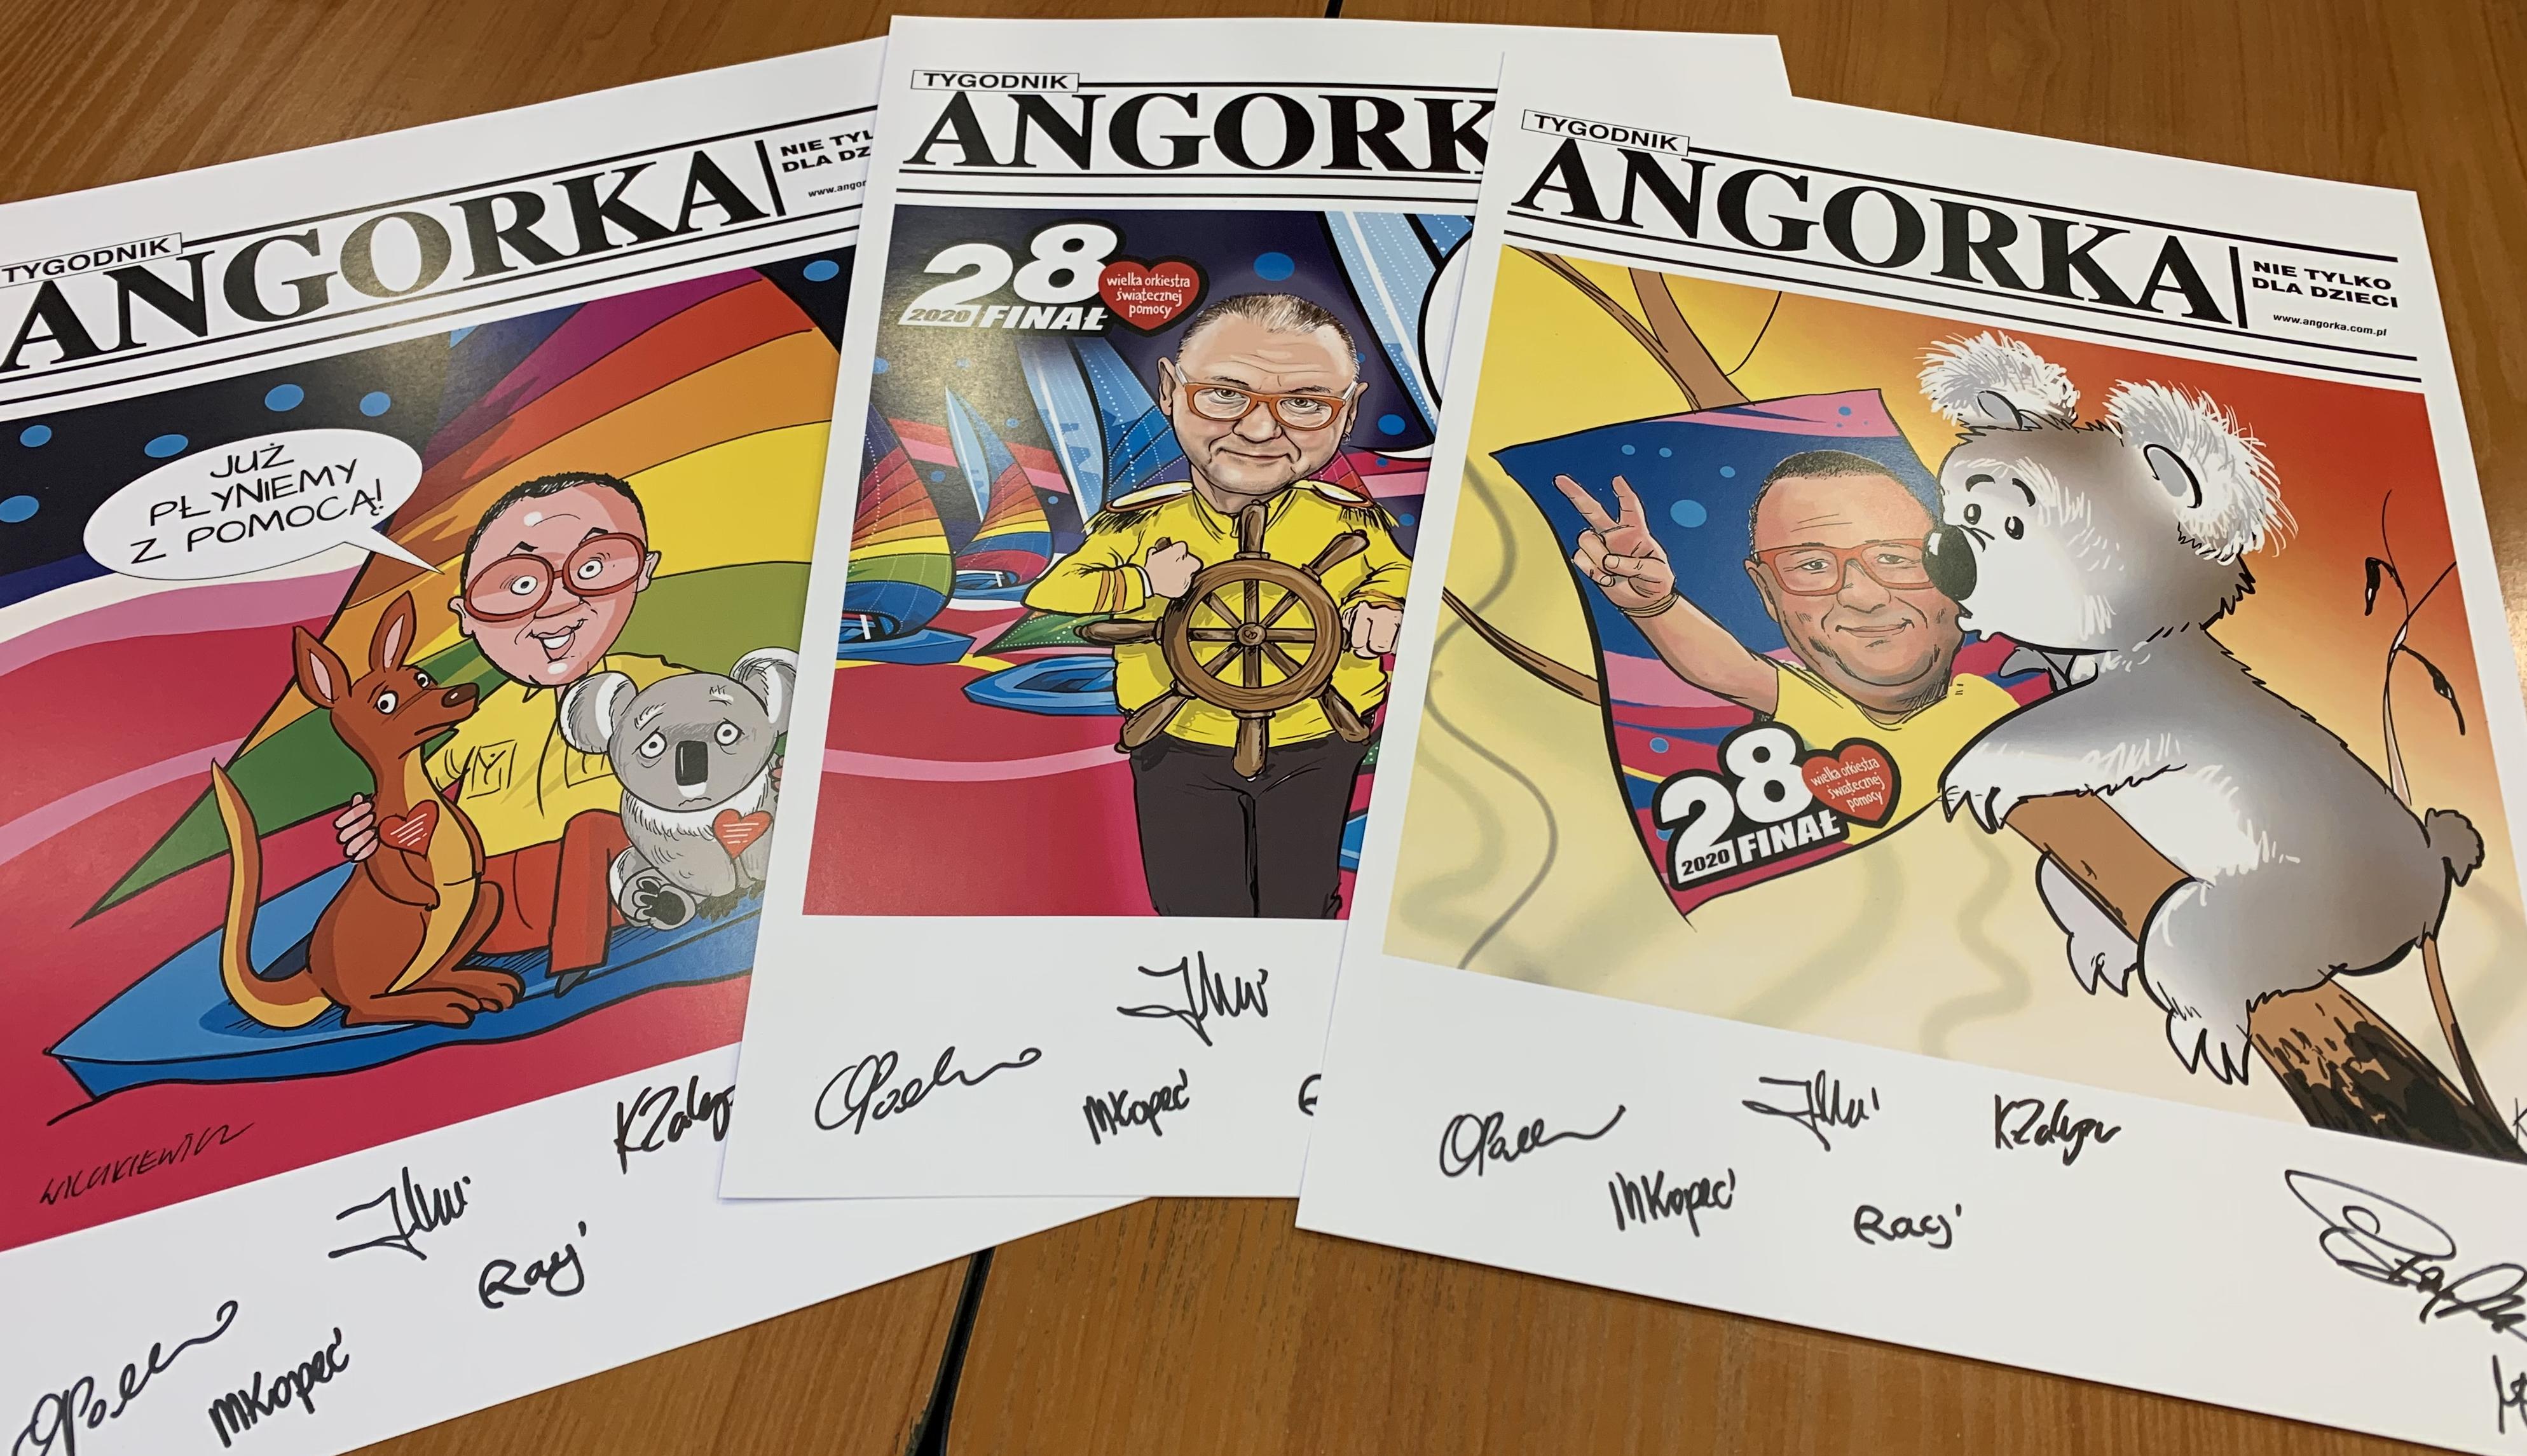 28. Finał WOŚP. Pamiątkowe plakaty z autografami rysowników ANGORKI